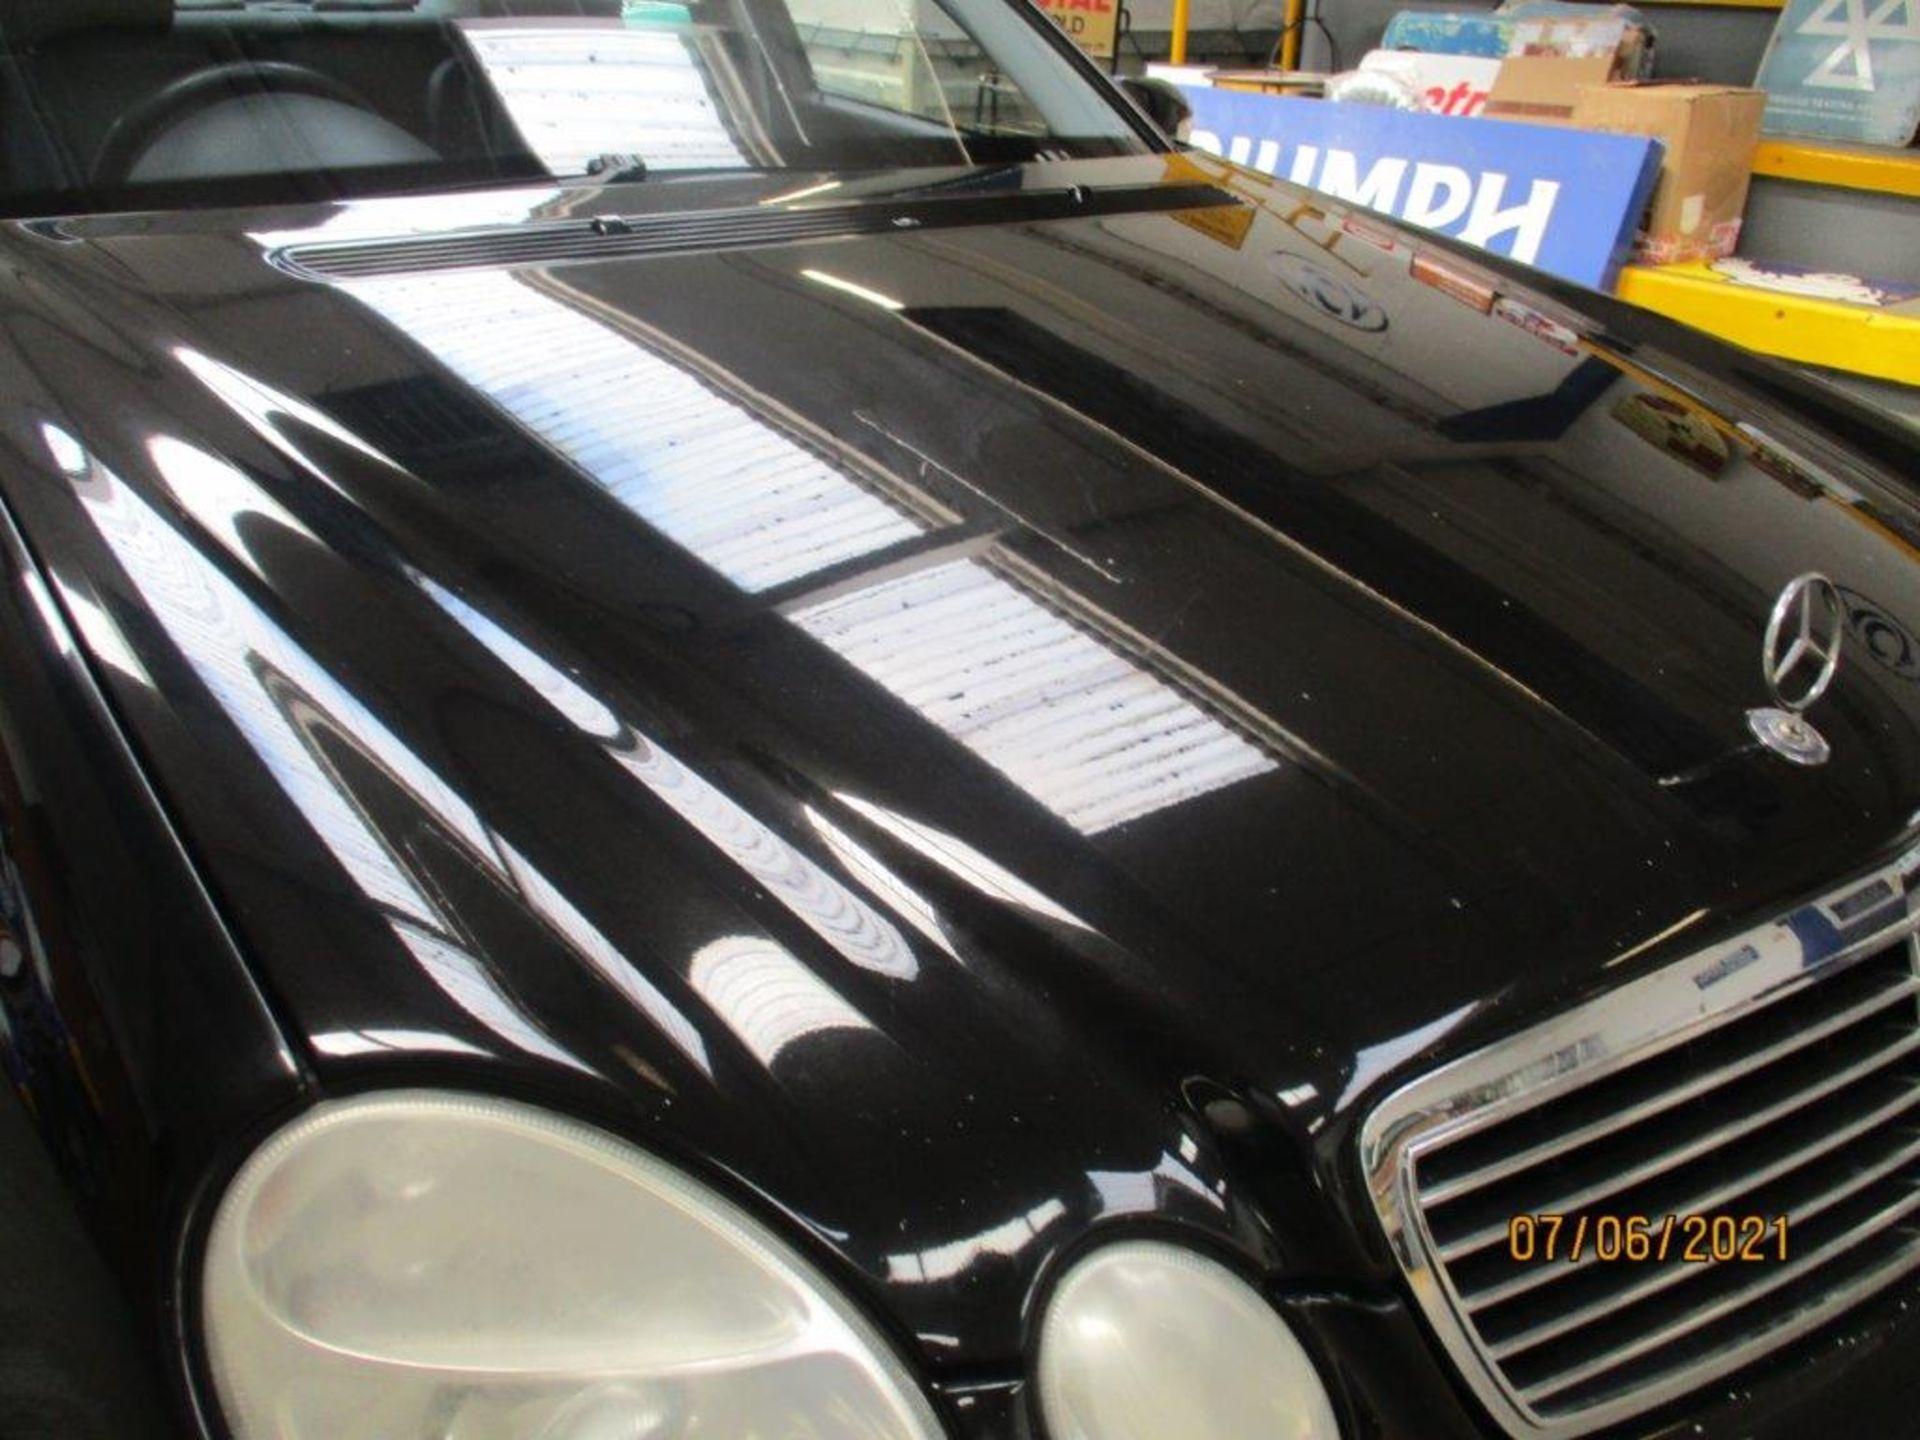 55 05 Mercedes E320 CDI Avantagarde - Image 14 of 19